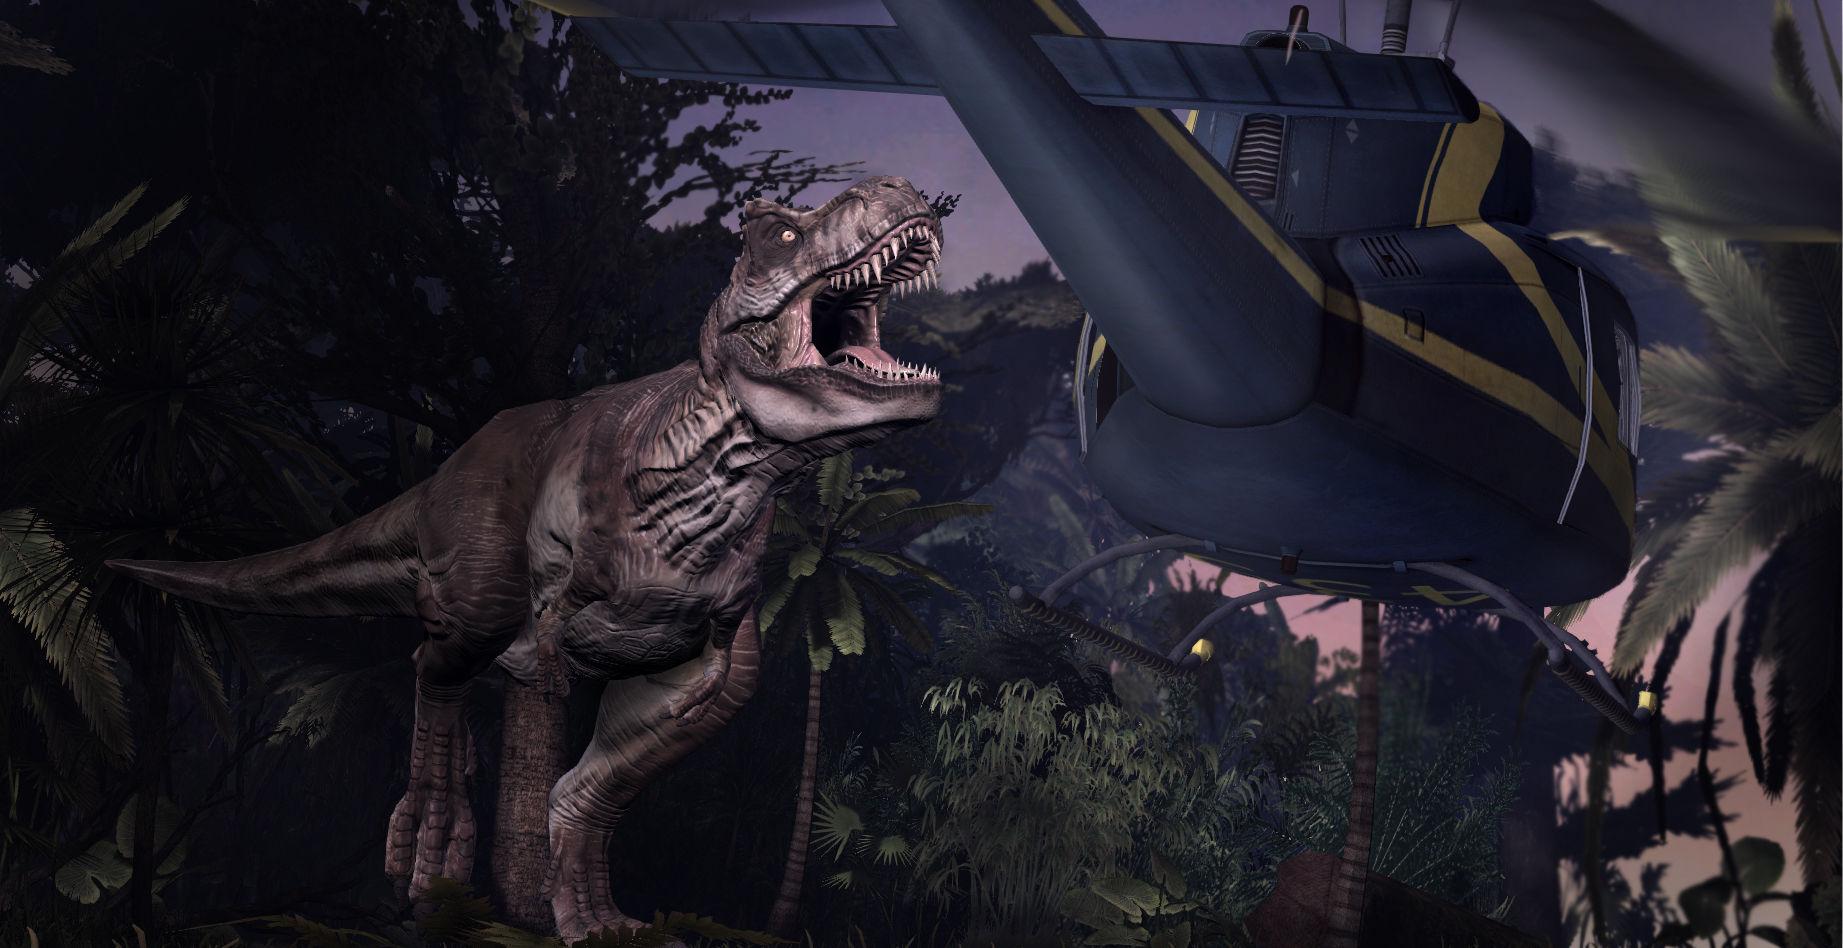 Jurassic Park Dinosaur Cowboys Tabletop Skirmish Game